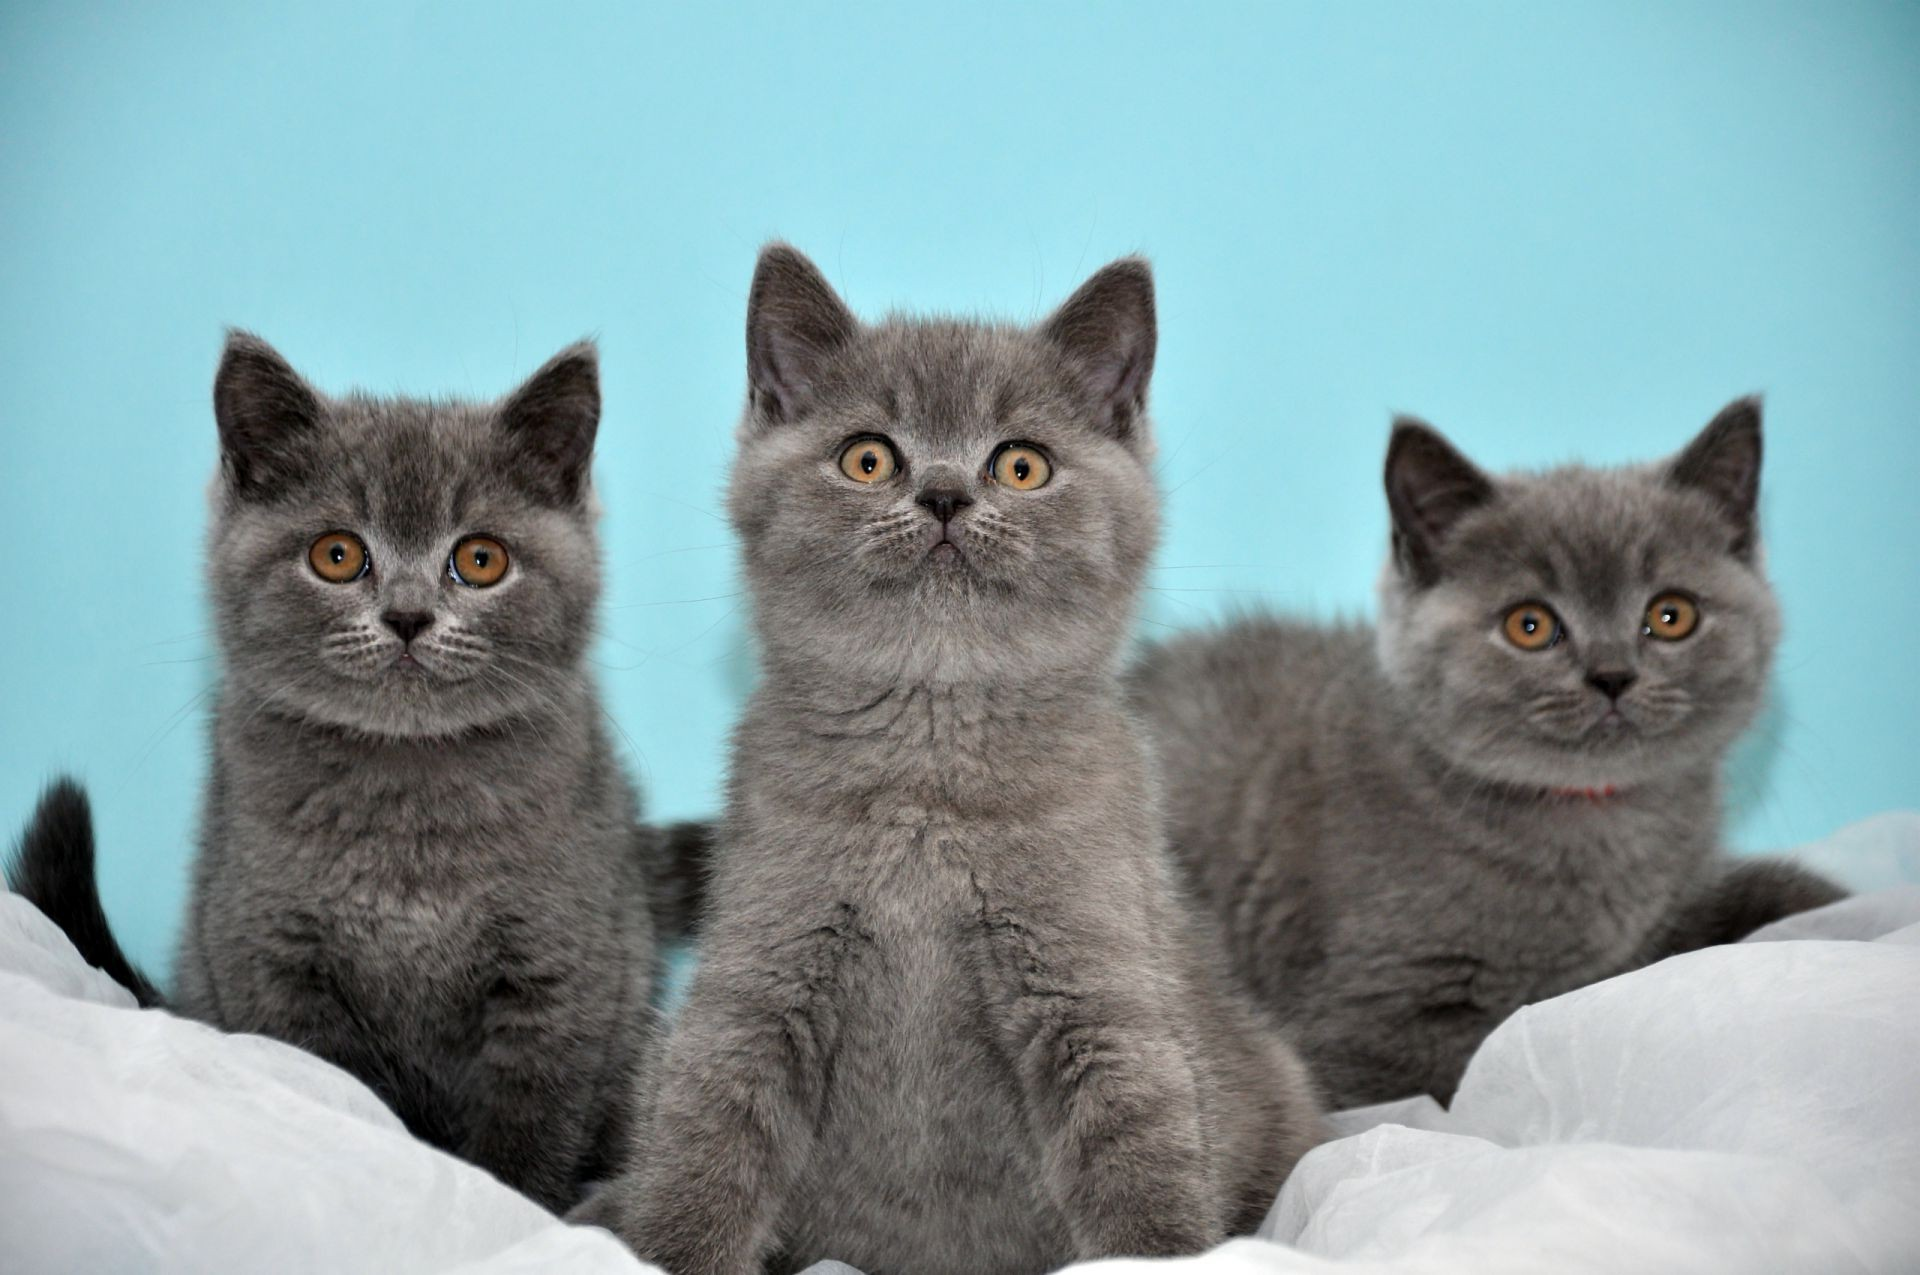 Картинки британские кошки и котята, анимации коньяком открытка